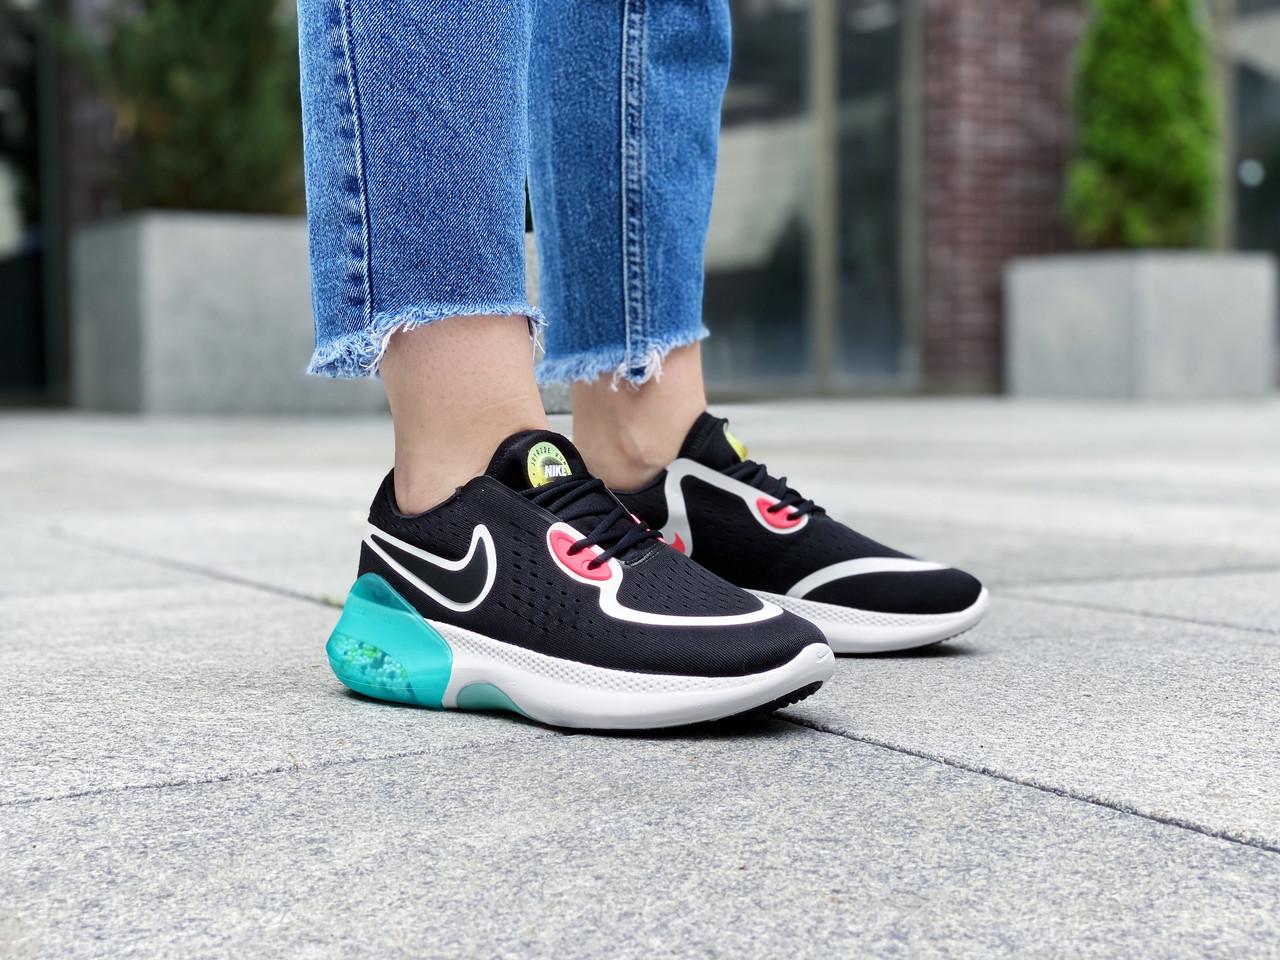 Кроссовки женские Nike Joyride Dual Run / CD4365-003 (Размеры:36,37,38,39)